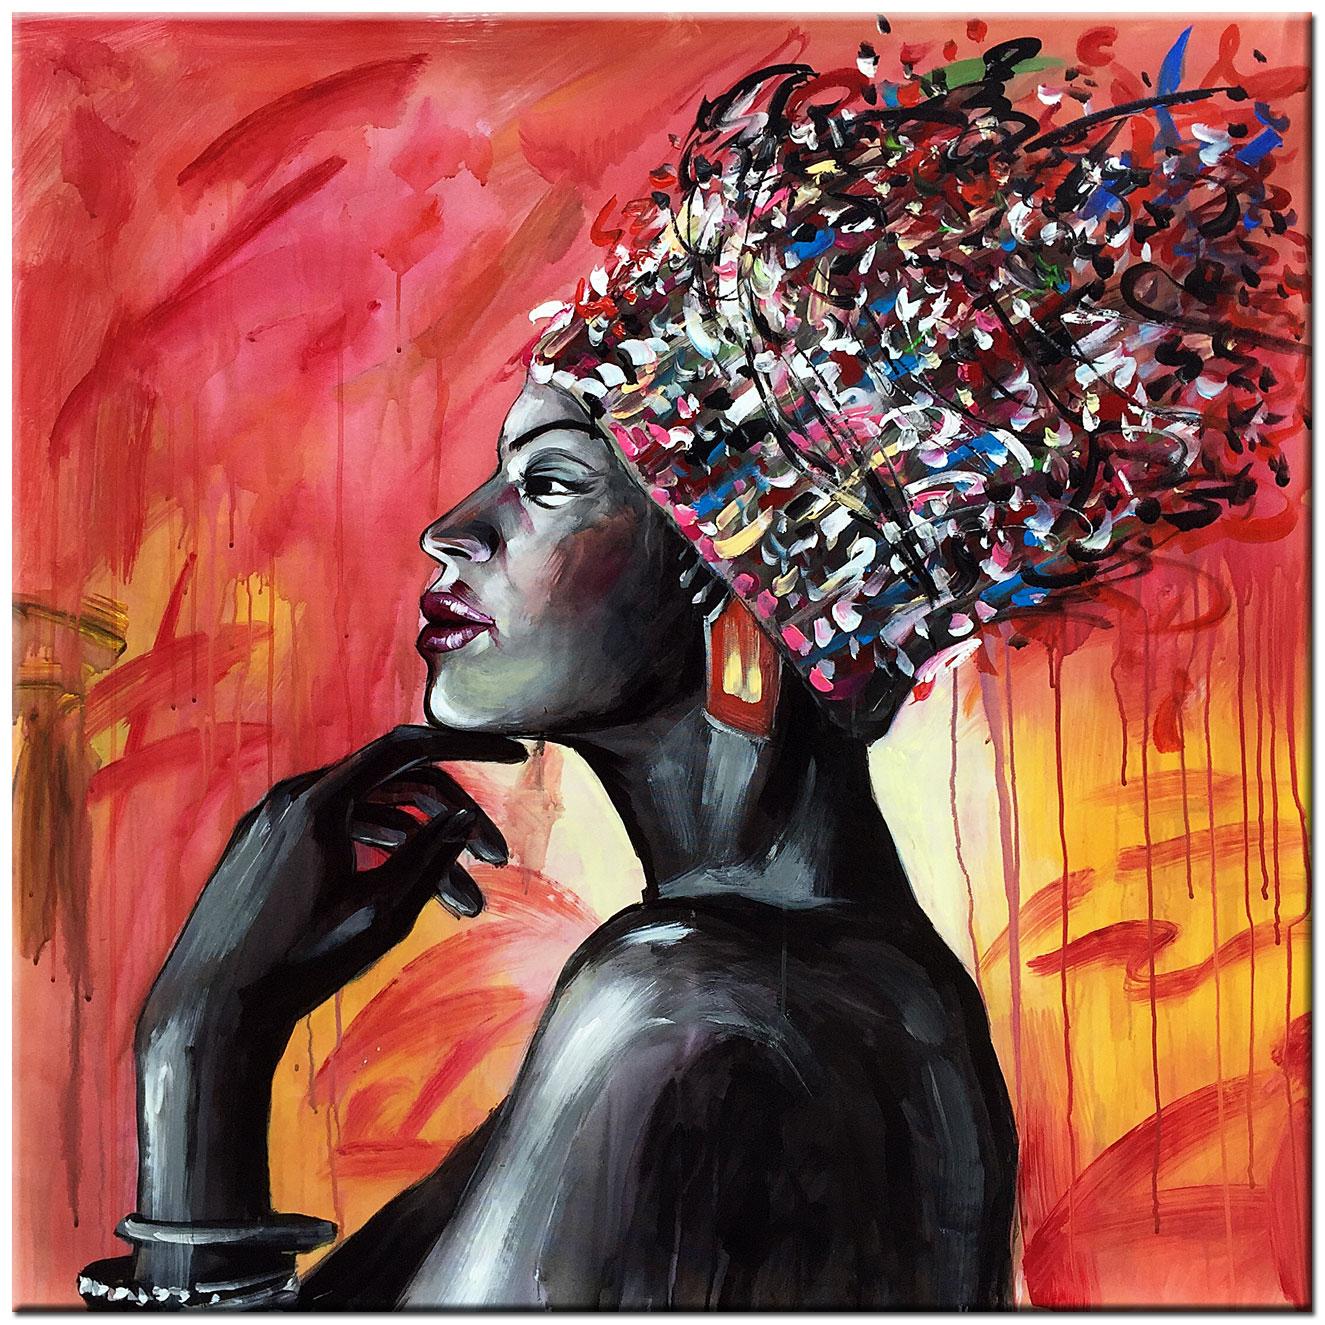 Zeer Afrikaanse Dame schilderij 100x100cm – Bestpainting.nl #OT26